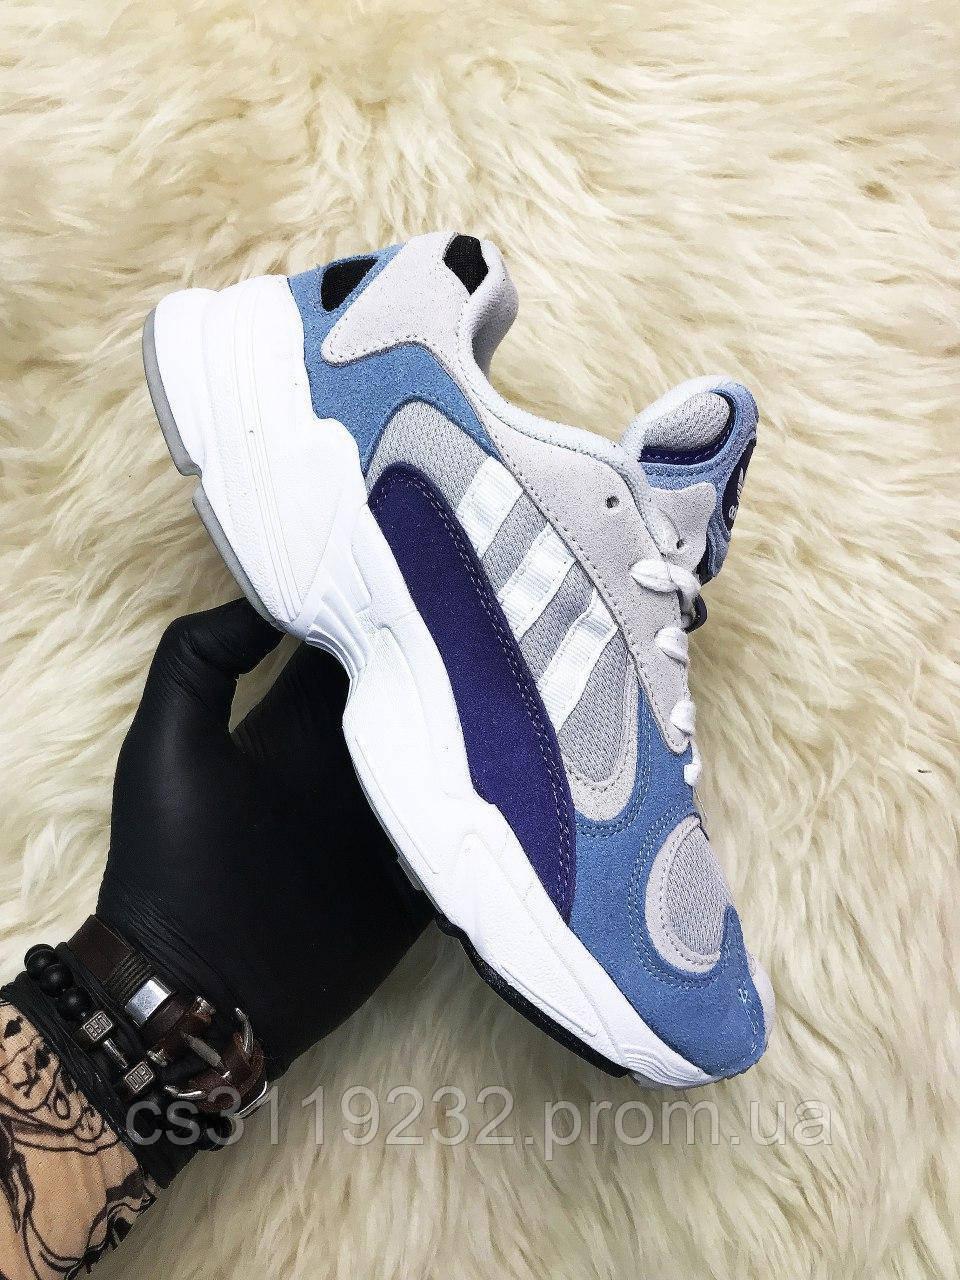 Женские кроссовки Adidas Yung 1 Grey Blue (серо-голубые)